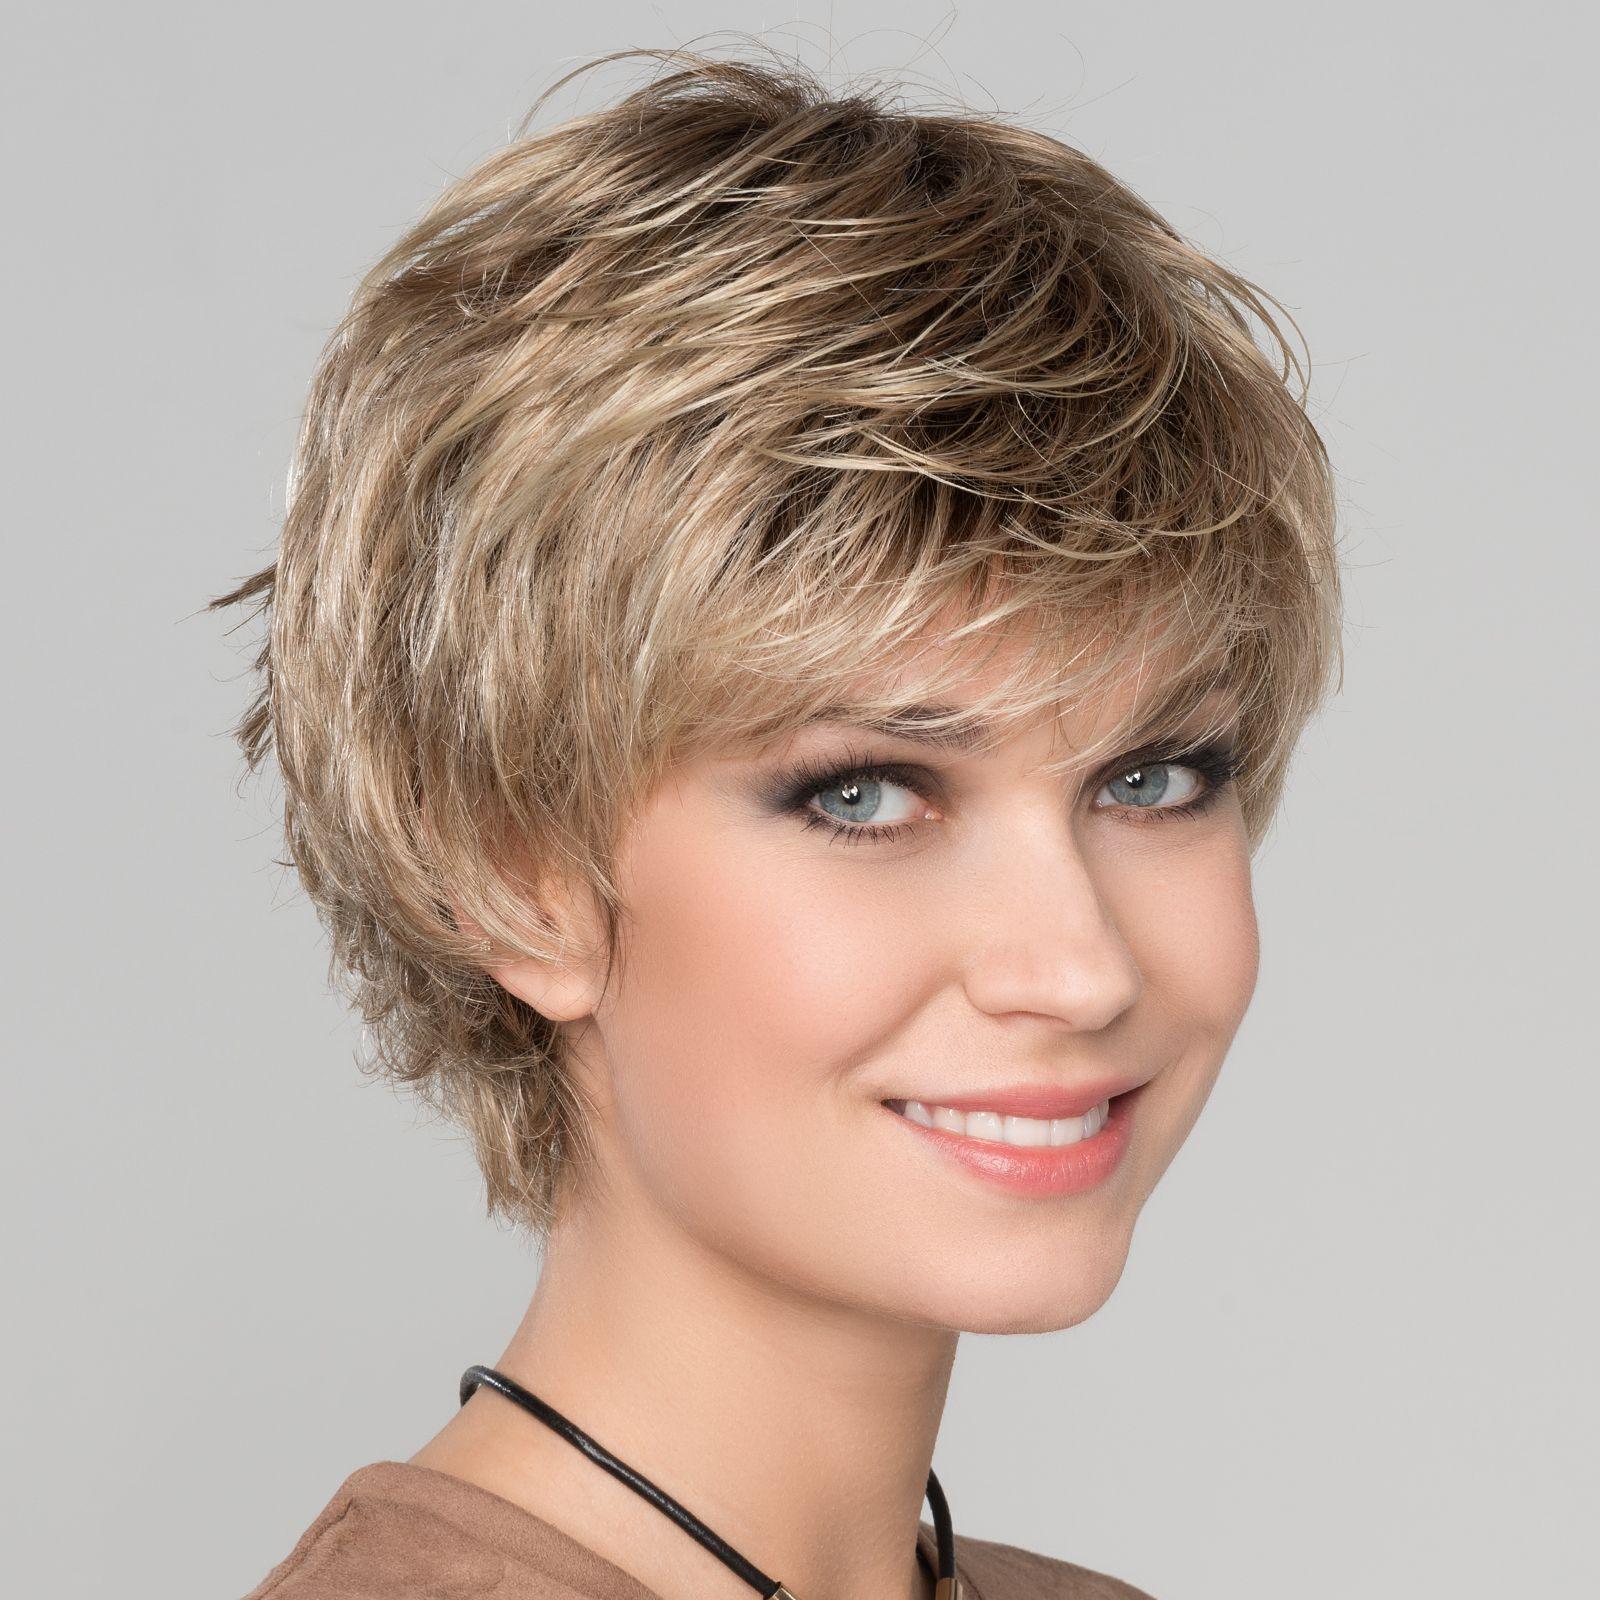 Frisuren Stufenschnitt Mittellange Haare